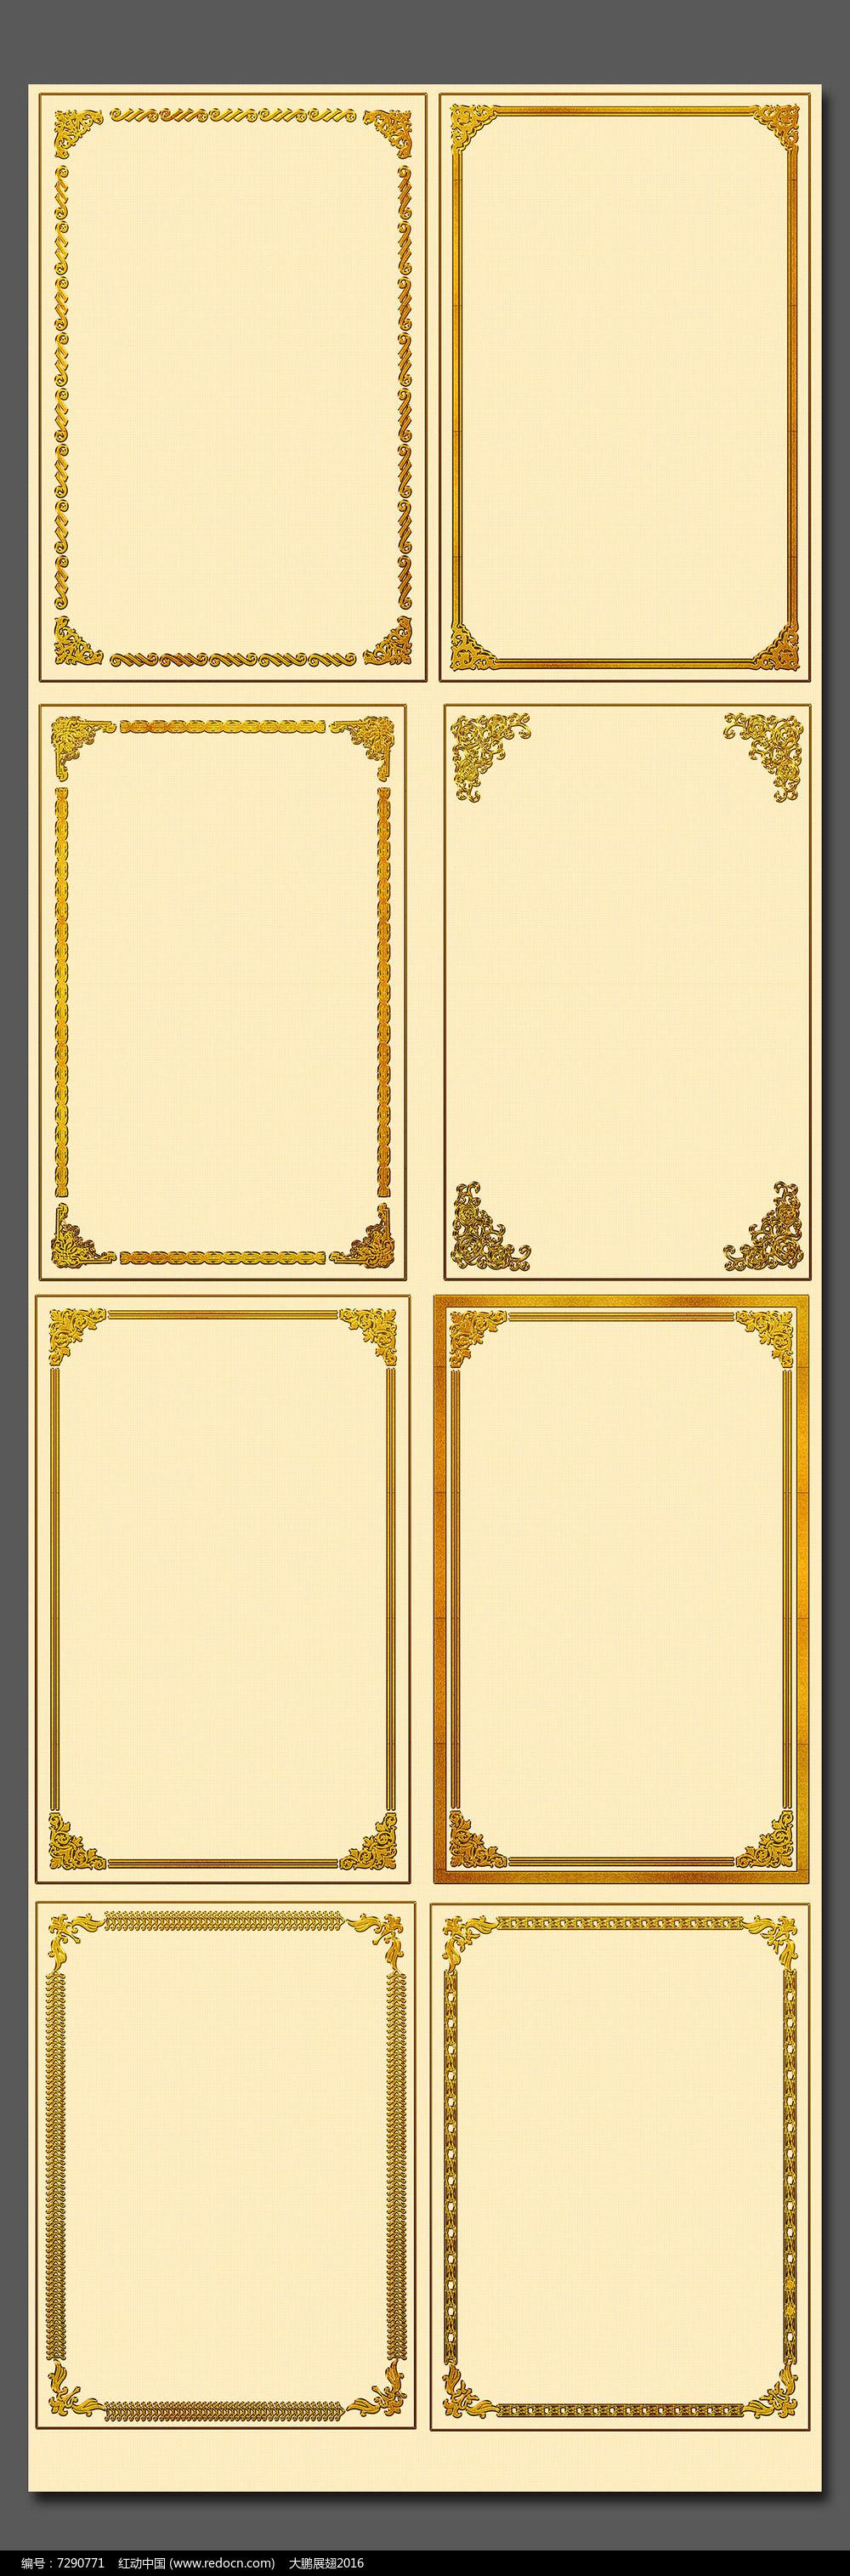 证书金色边框花边素材图片